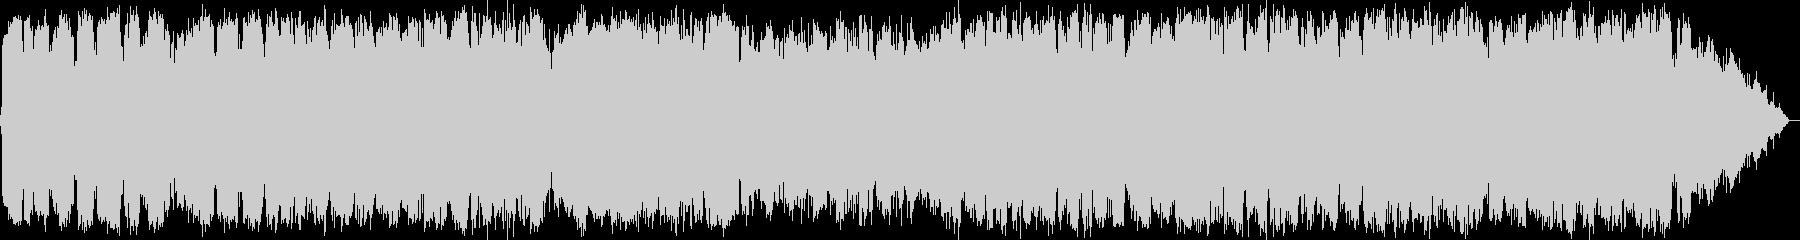 幻想的な笛の音楽の未再生の波形